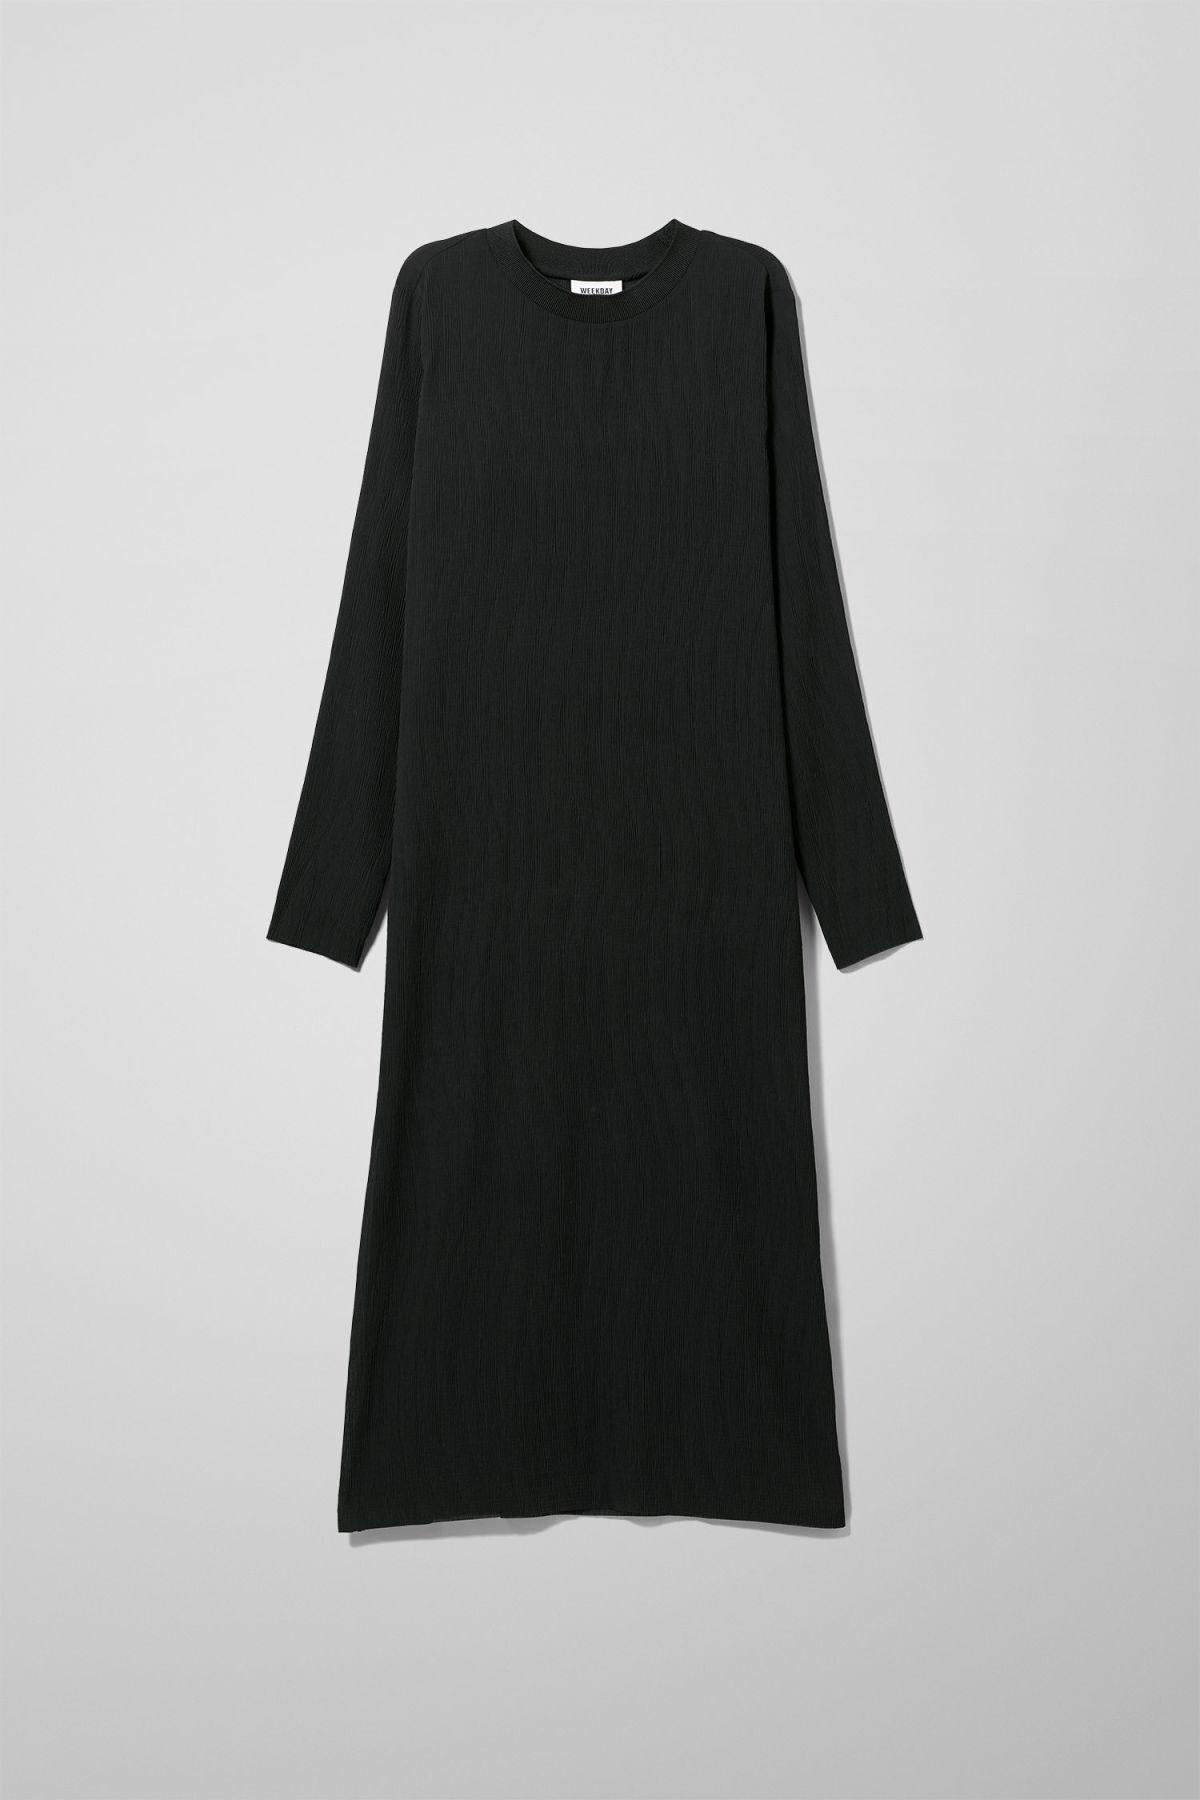 Image of Waverly Pleated Dress - Black-38